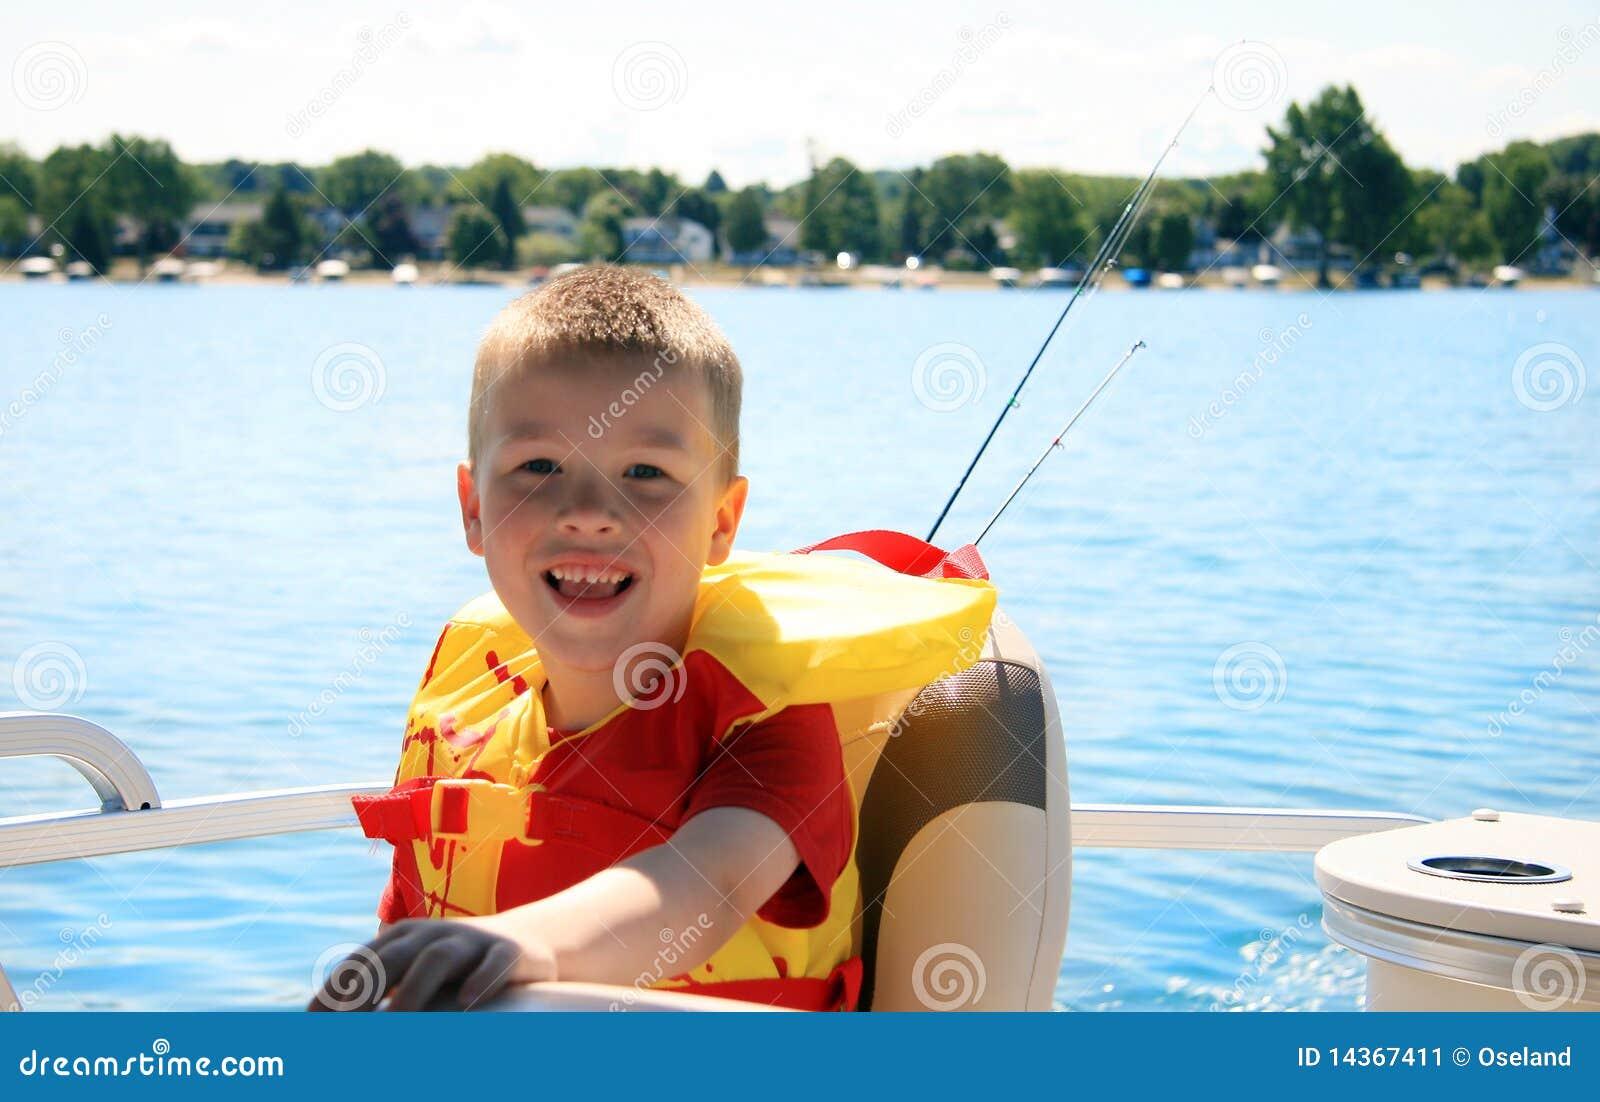 Szczęśliwy łódkowaty dziecko